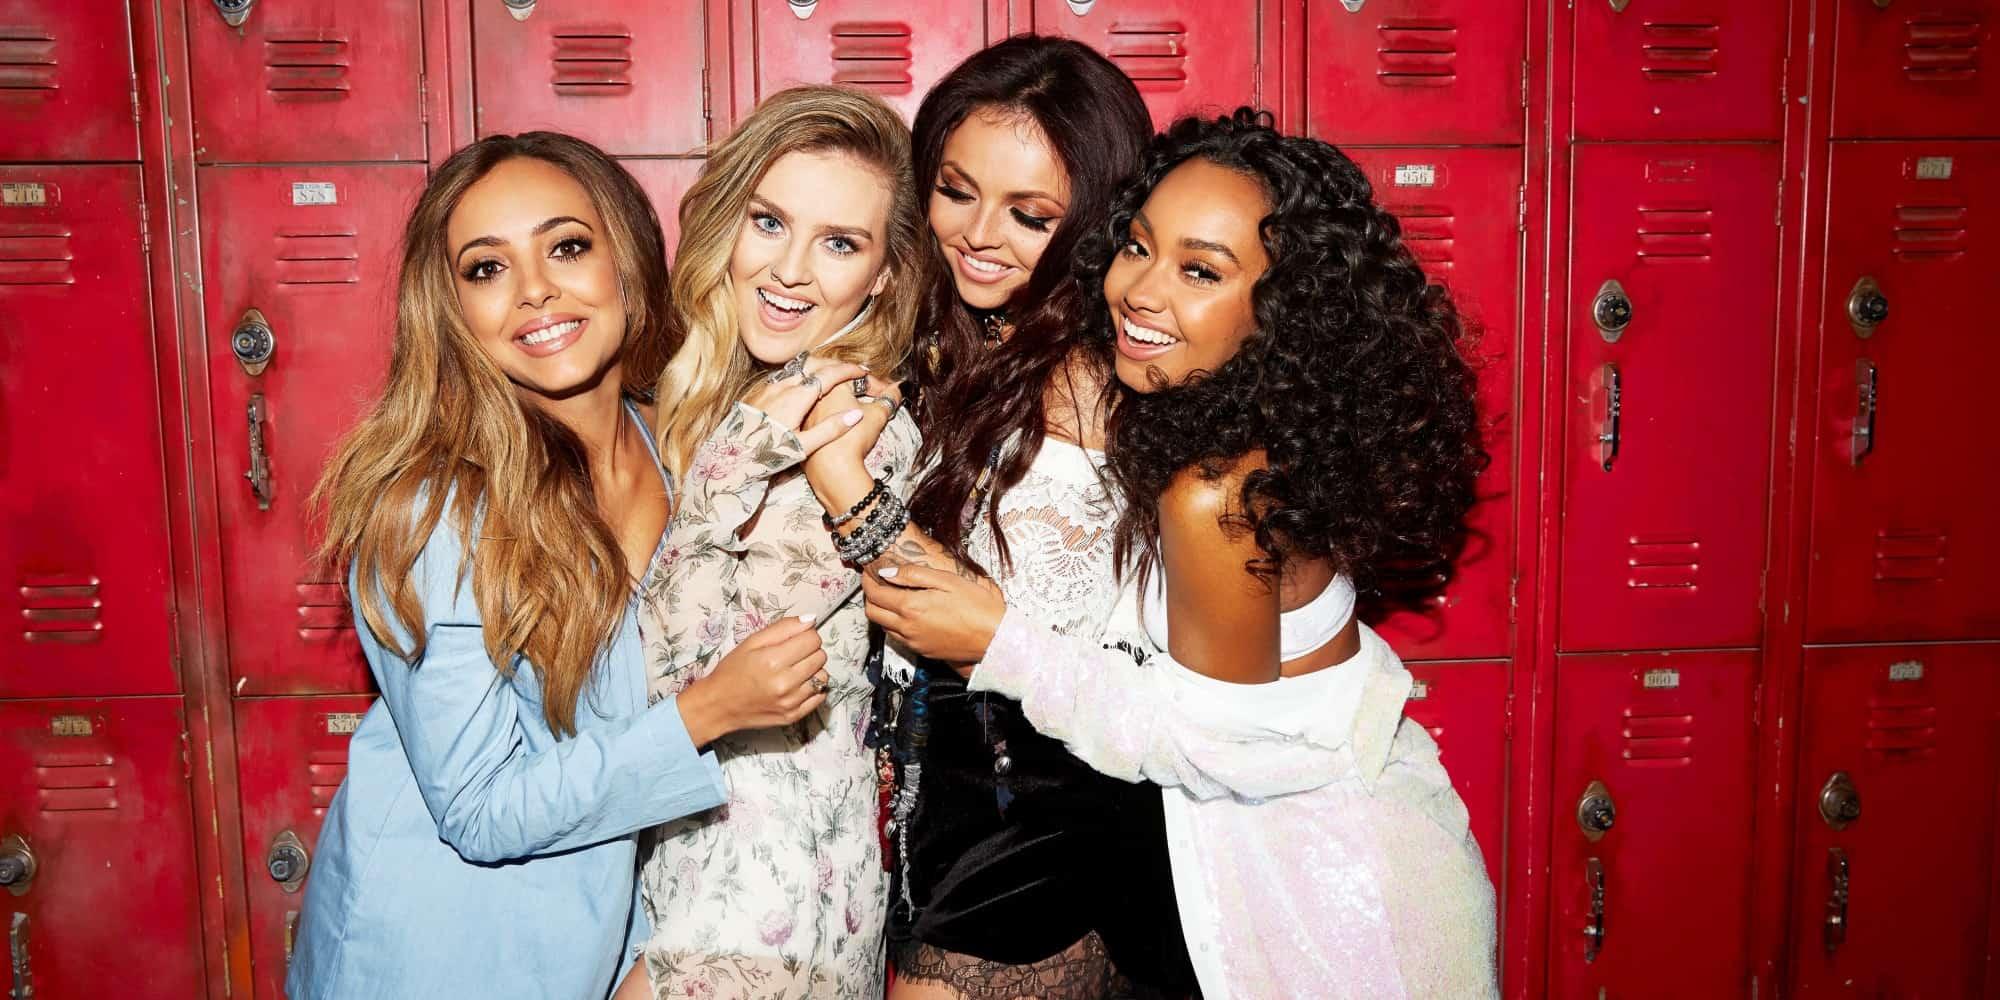 แปลเพลง I won't – Little Mix ความหมายเพลง